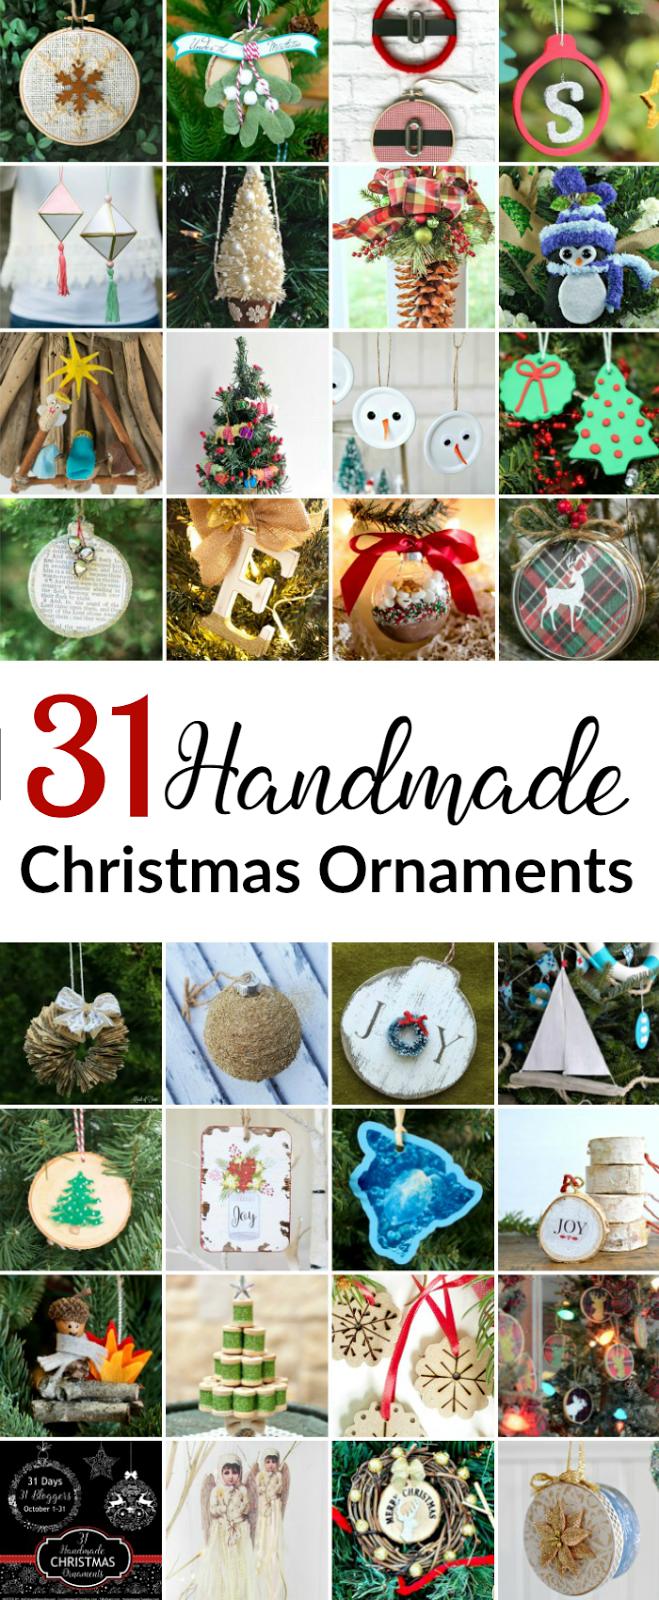 http://diy180site.blogspot.com/2016/10/handmade-christmas-ornaments.html